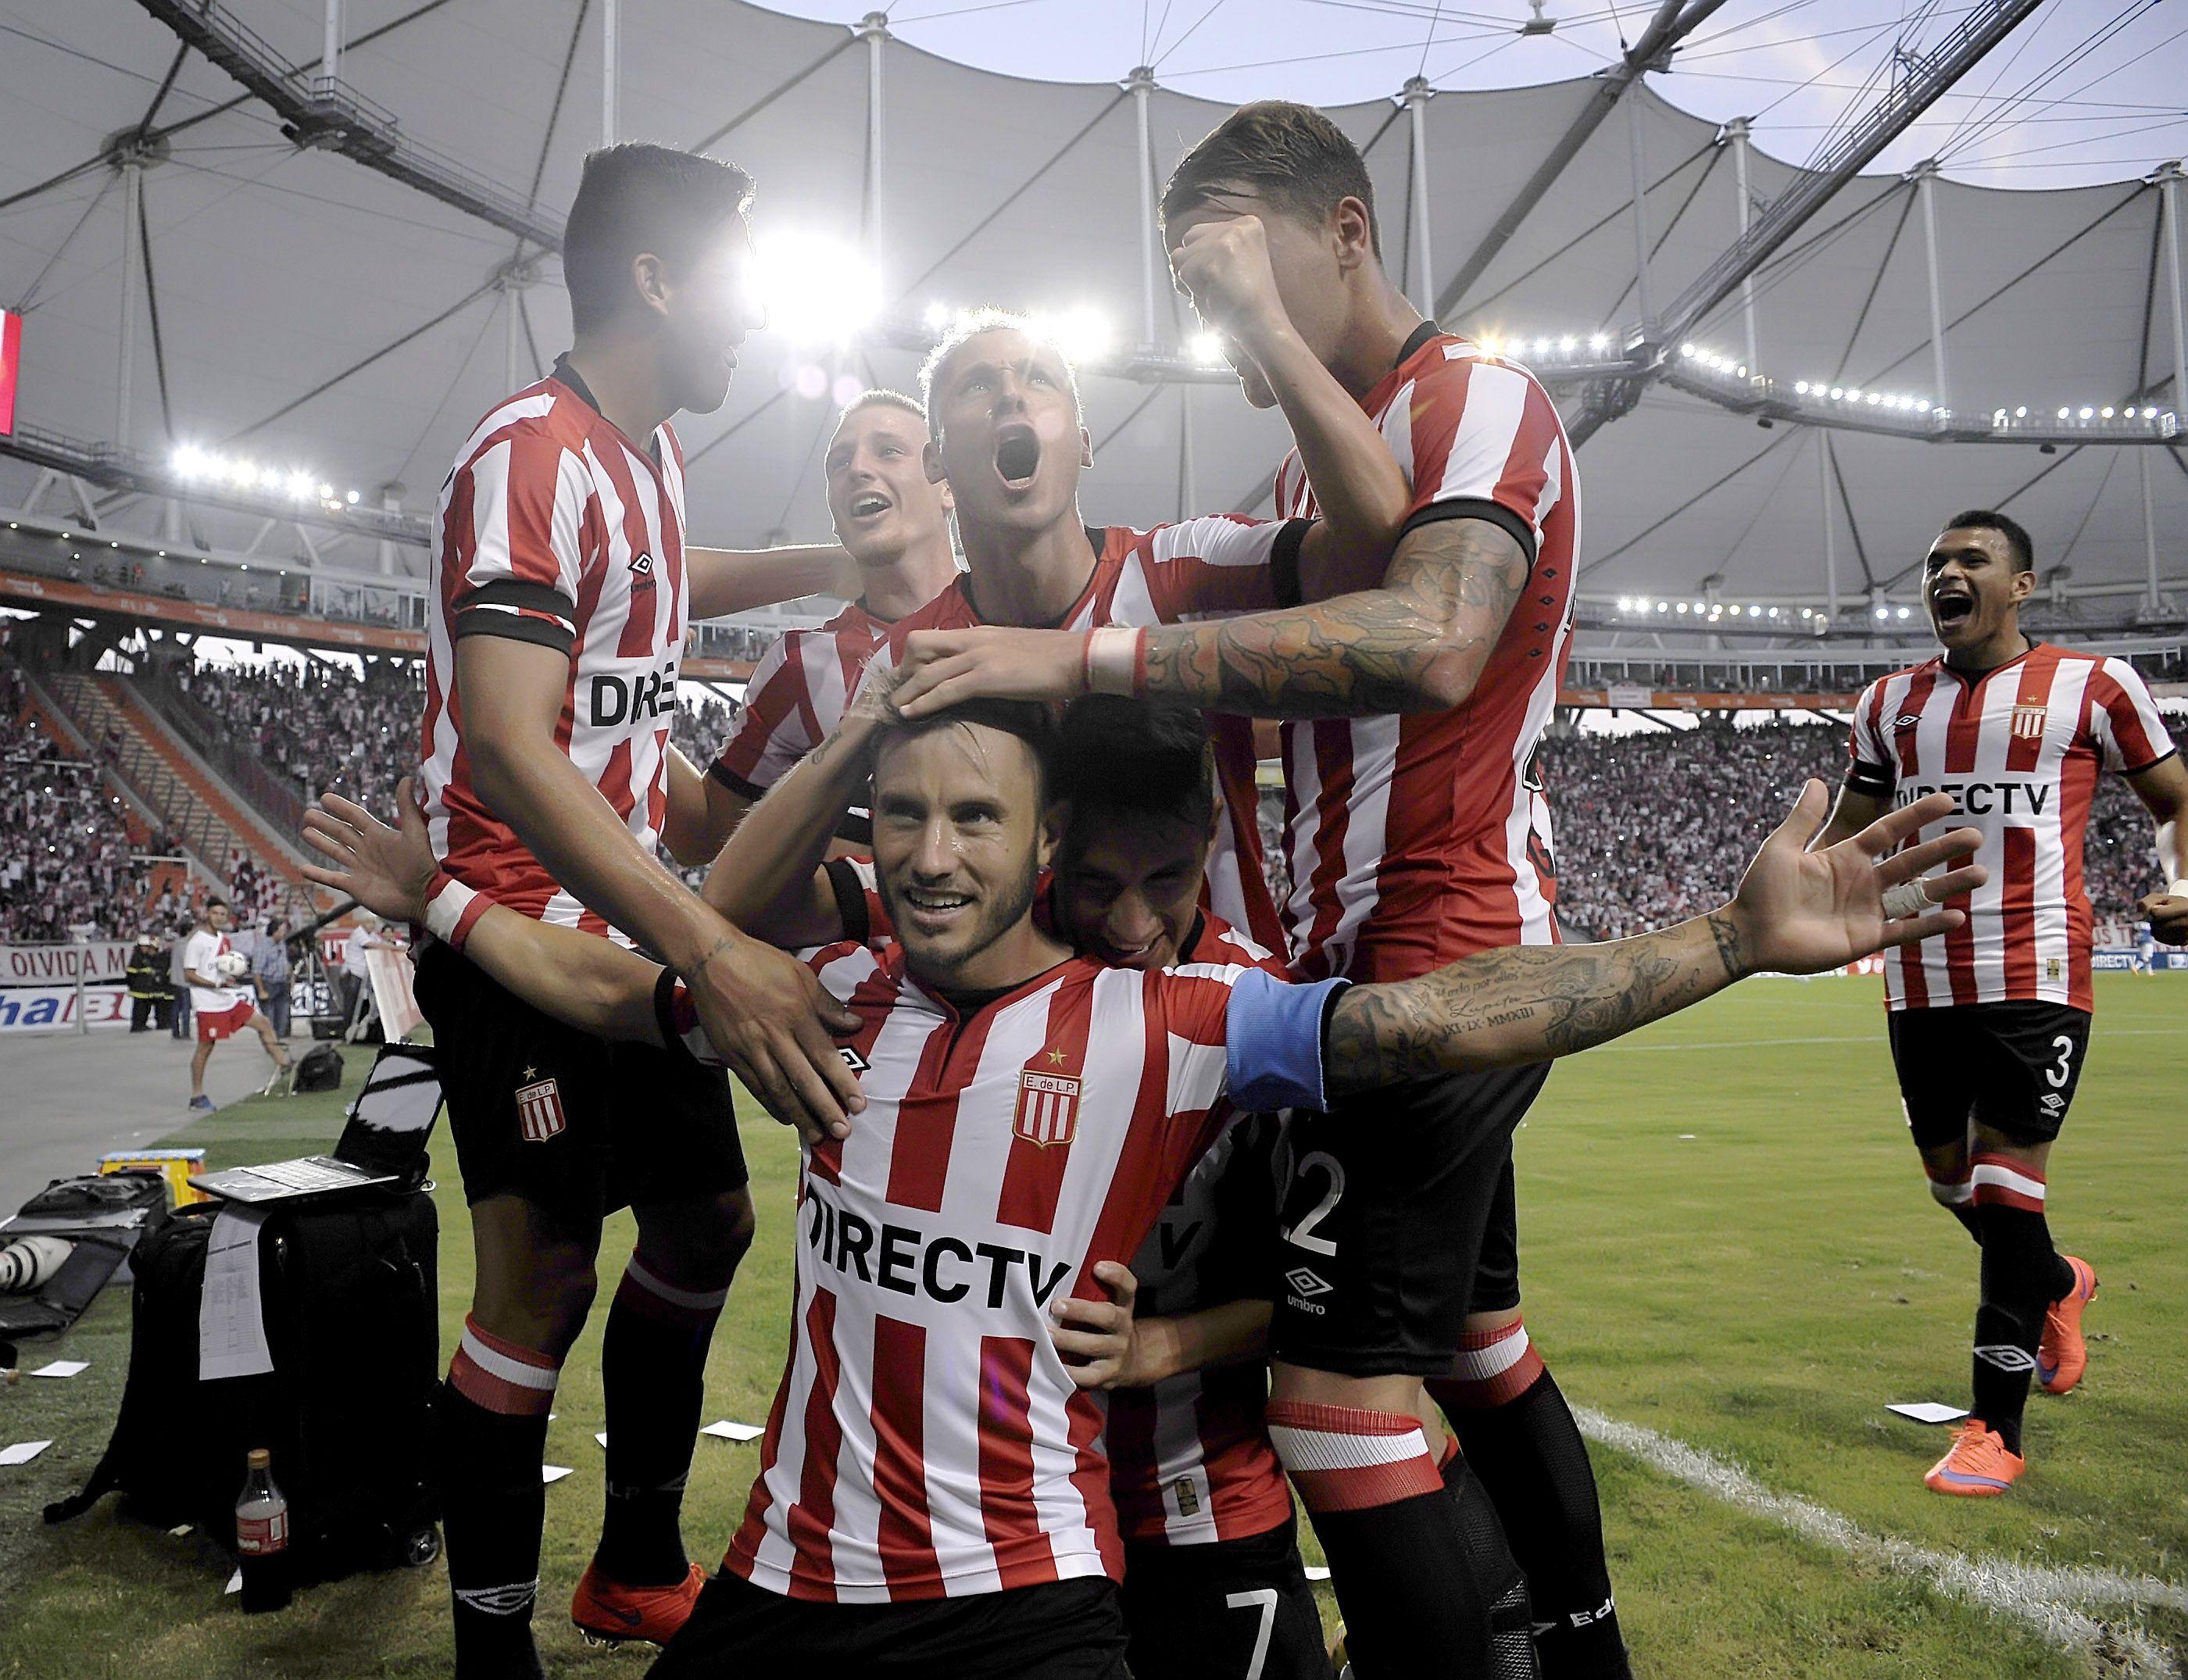 Mirá el show de goles parcial de la fecha 7 del fútbol argentino